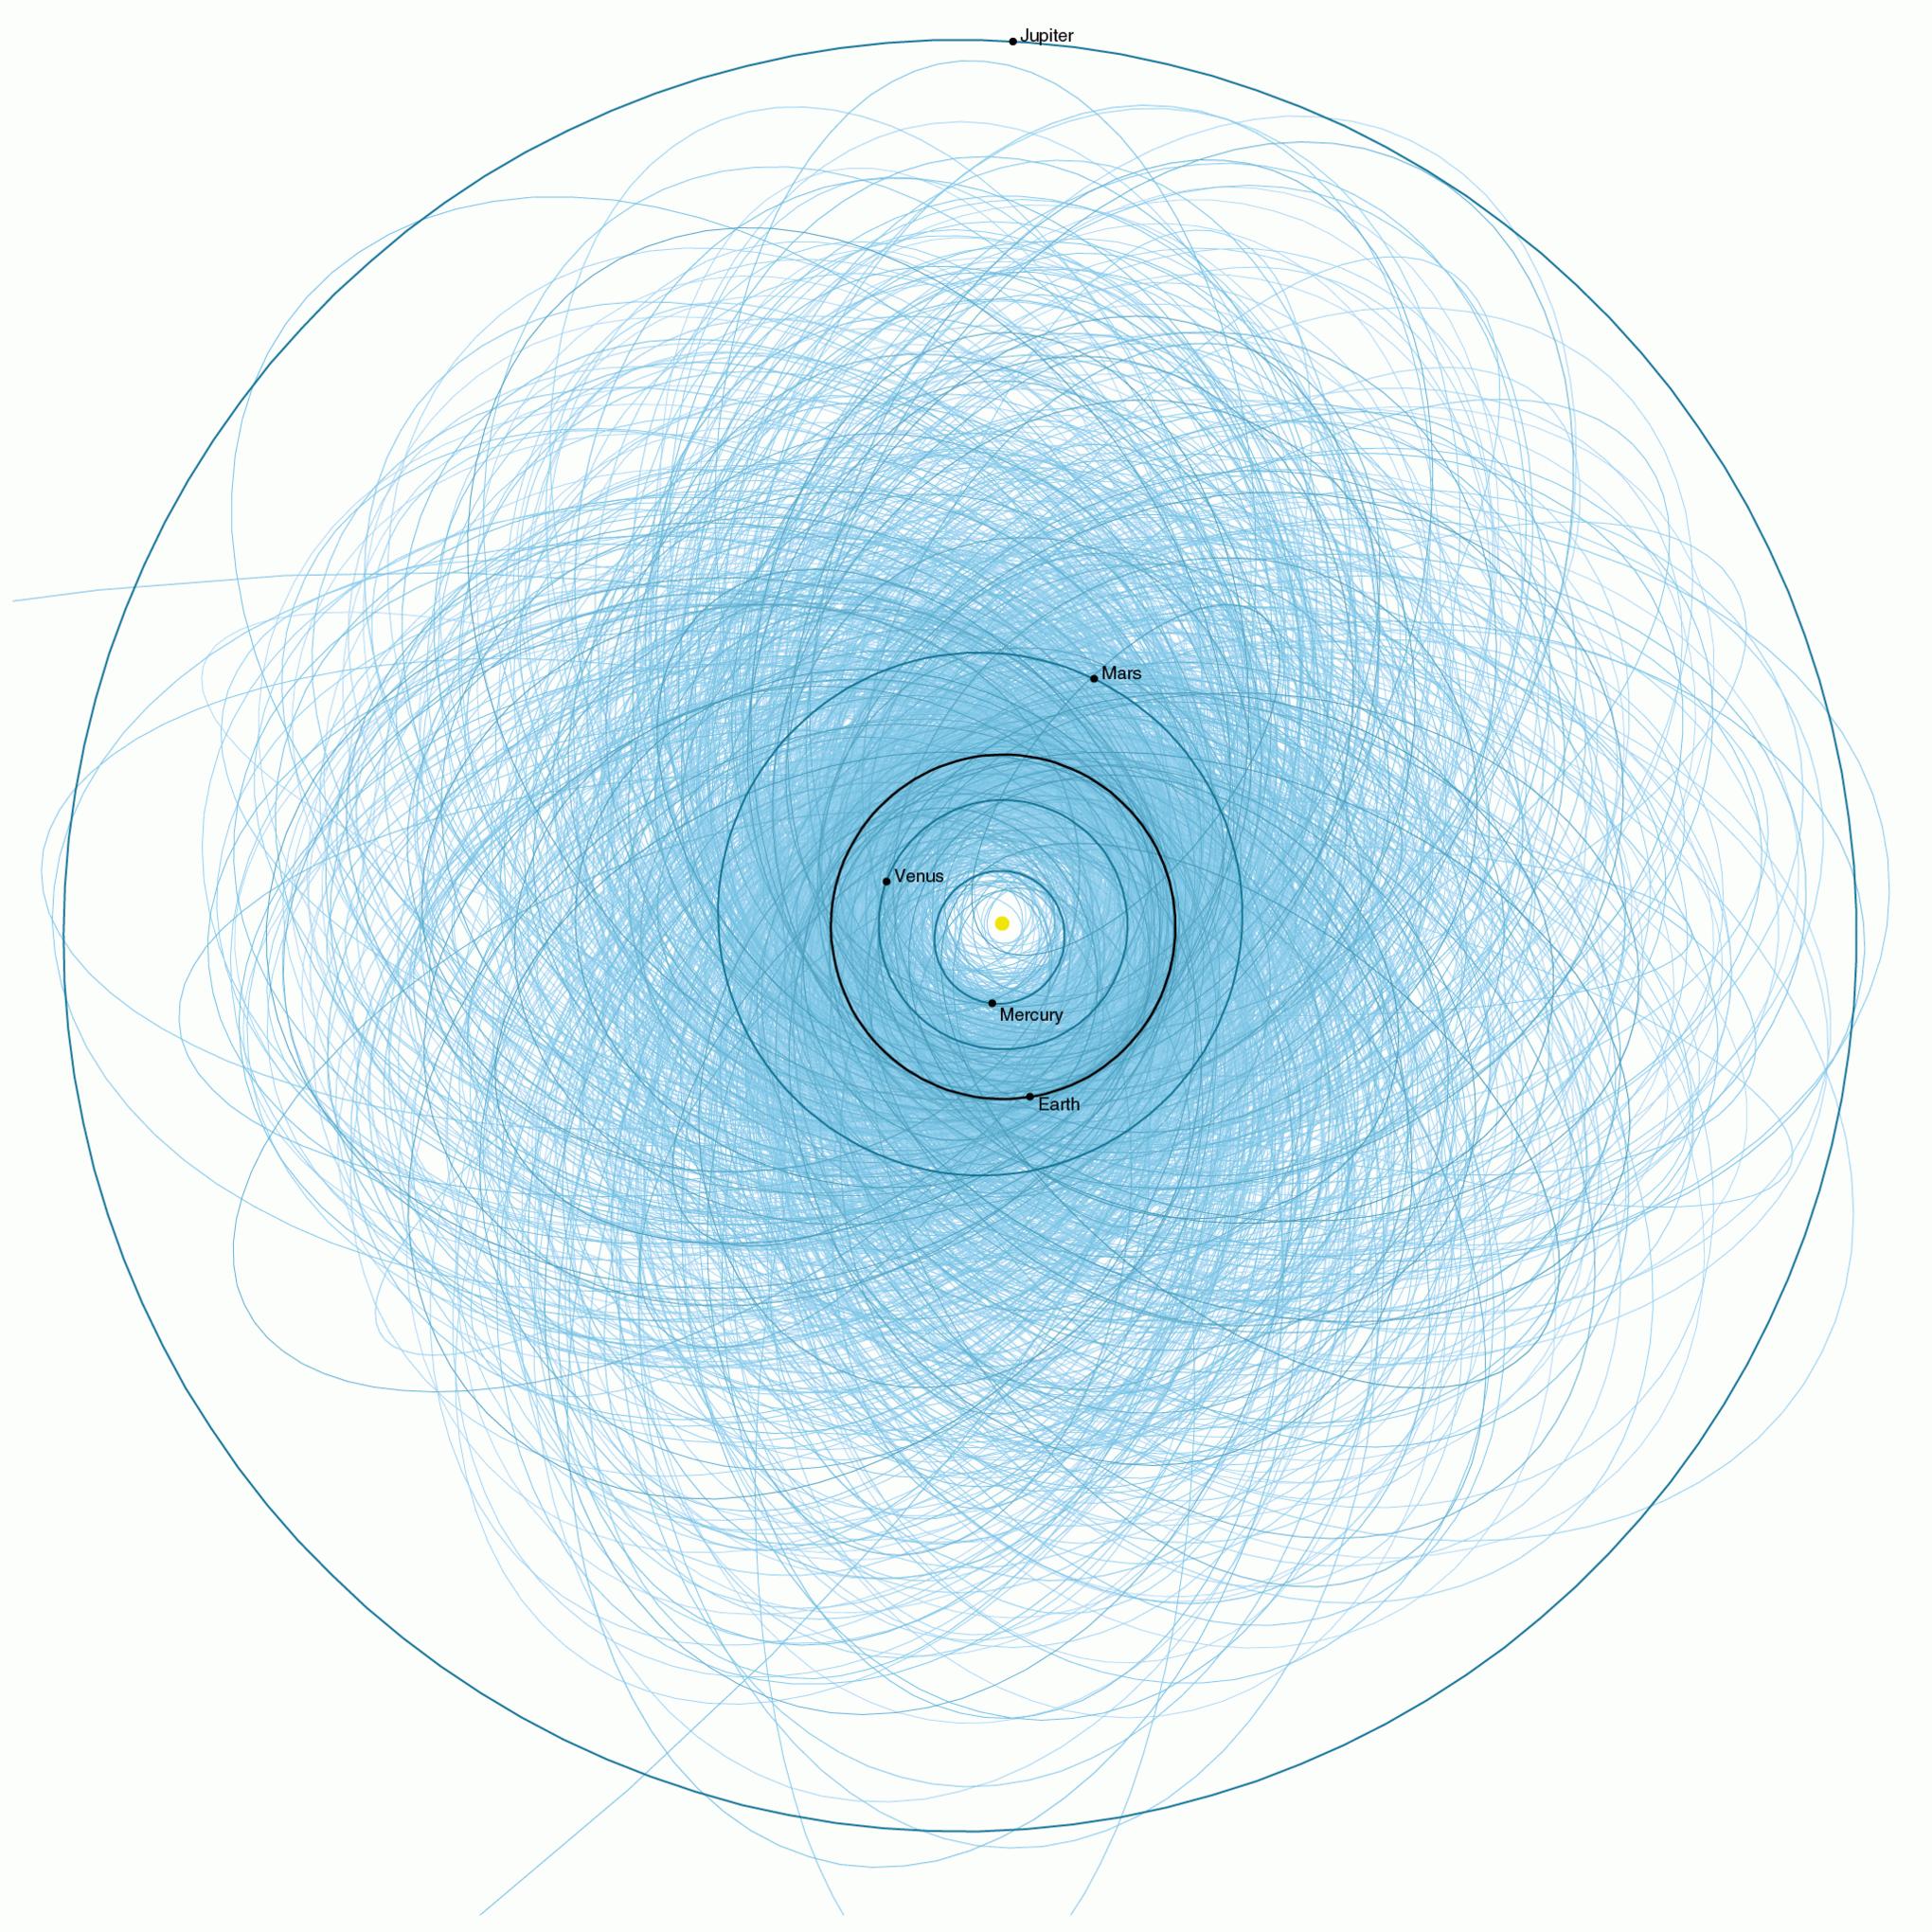 Potentially_hazardous_asteroids_2013